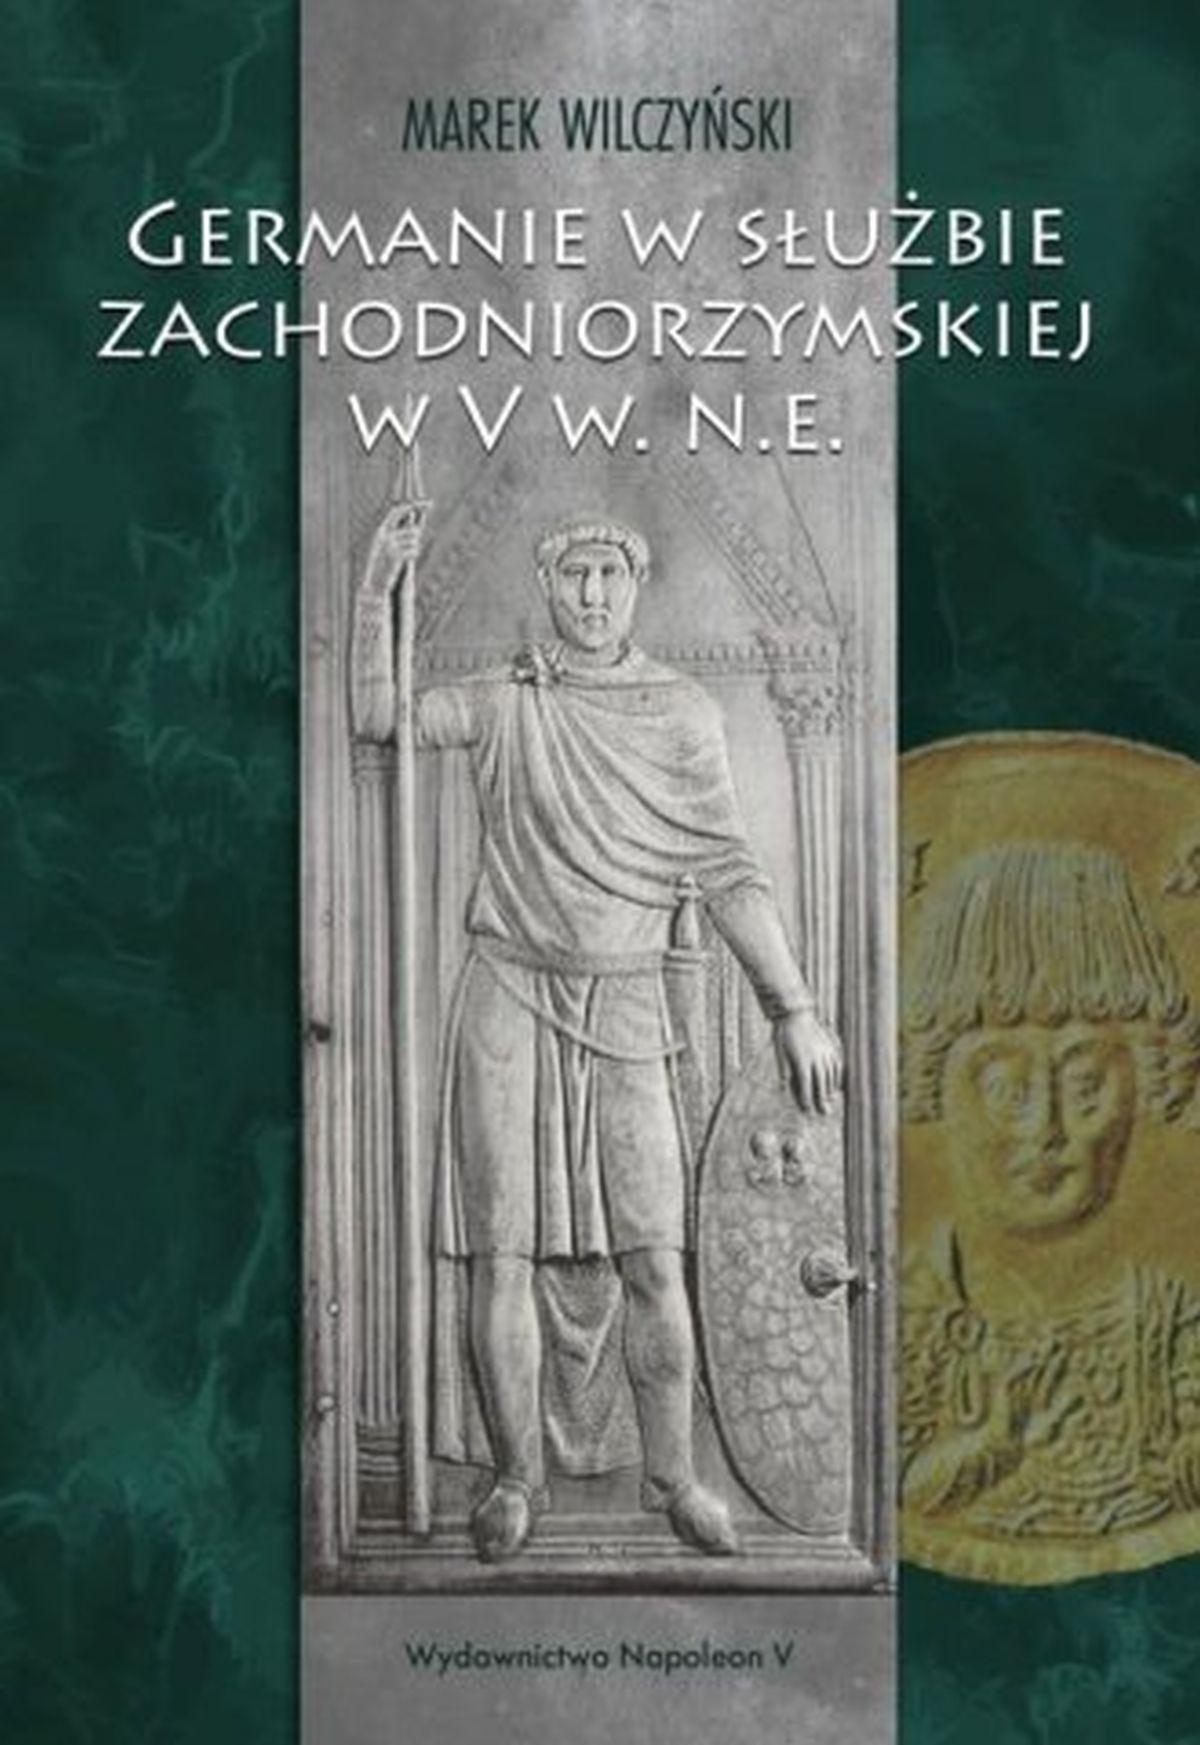 Marek Wilczyński, Germanie w służbie zachodniorzymskiej w V w. n.e.